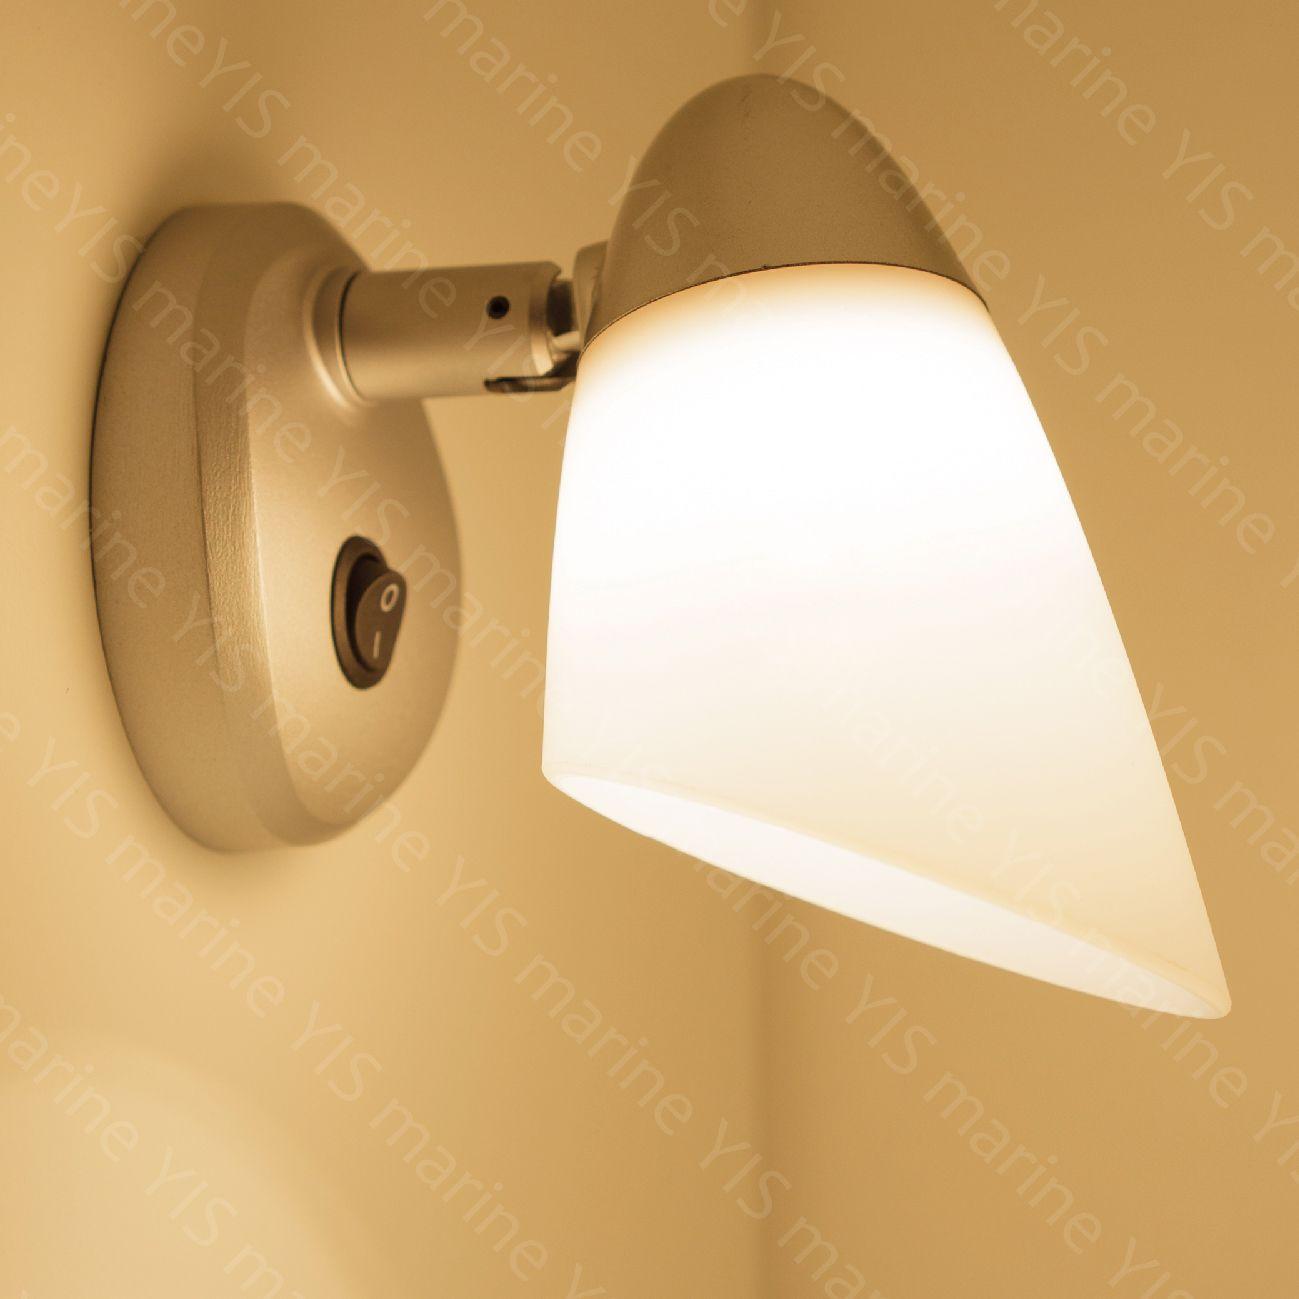 LED Lights for Boats